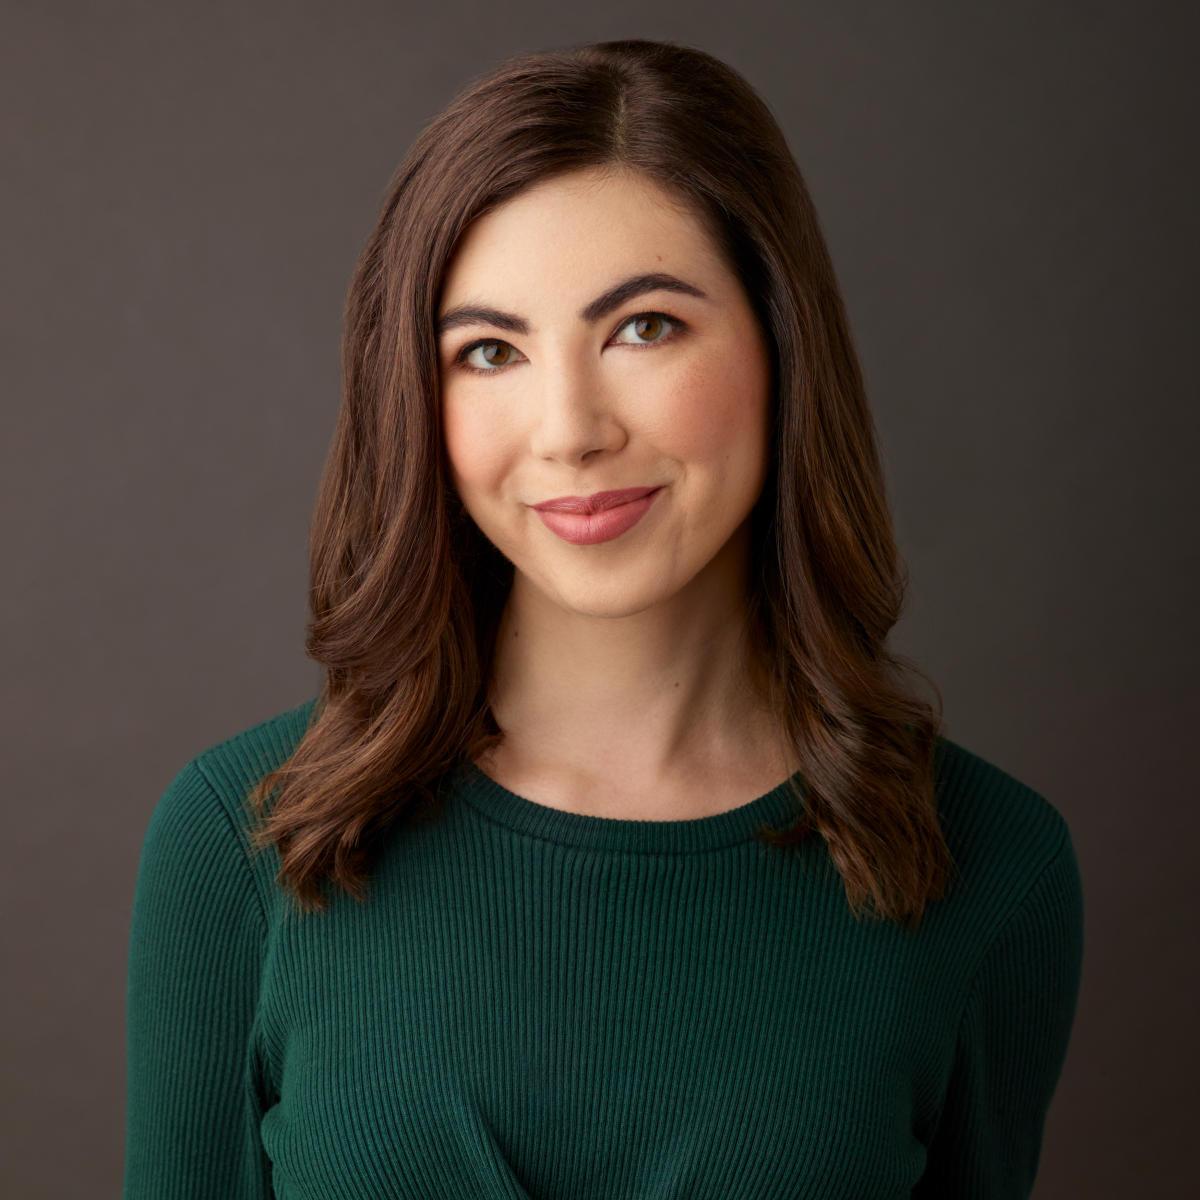 La journaliste américaine Sarah Fier, autrice de l'enquête «No Filter».